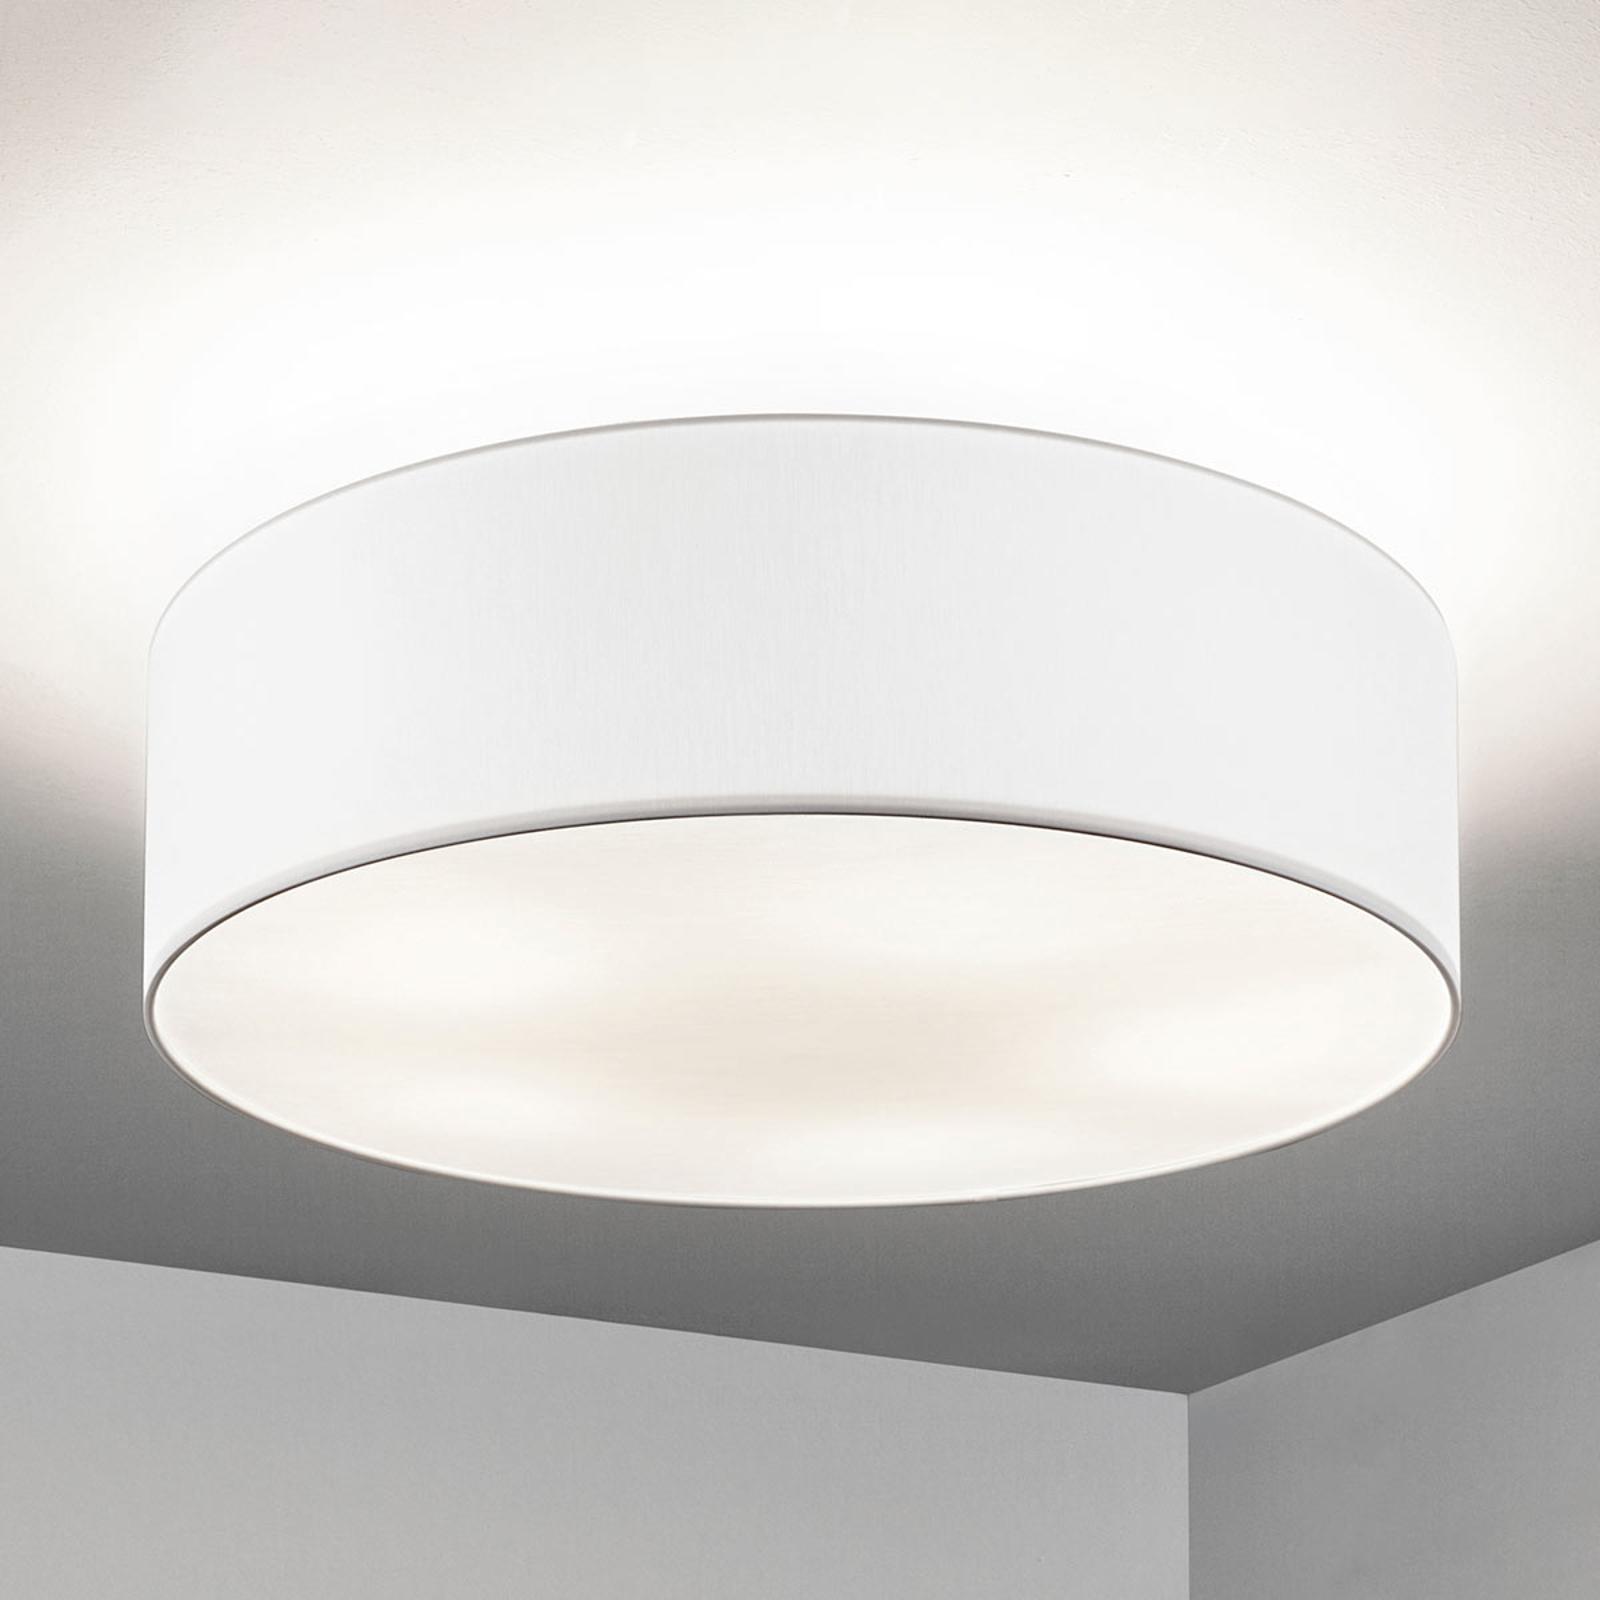 Lampa sufitowa Gala, 60cm, klosz chinz biały